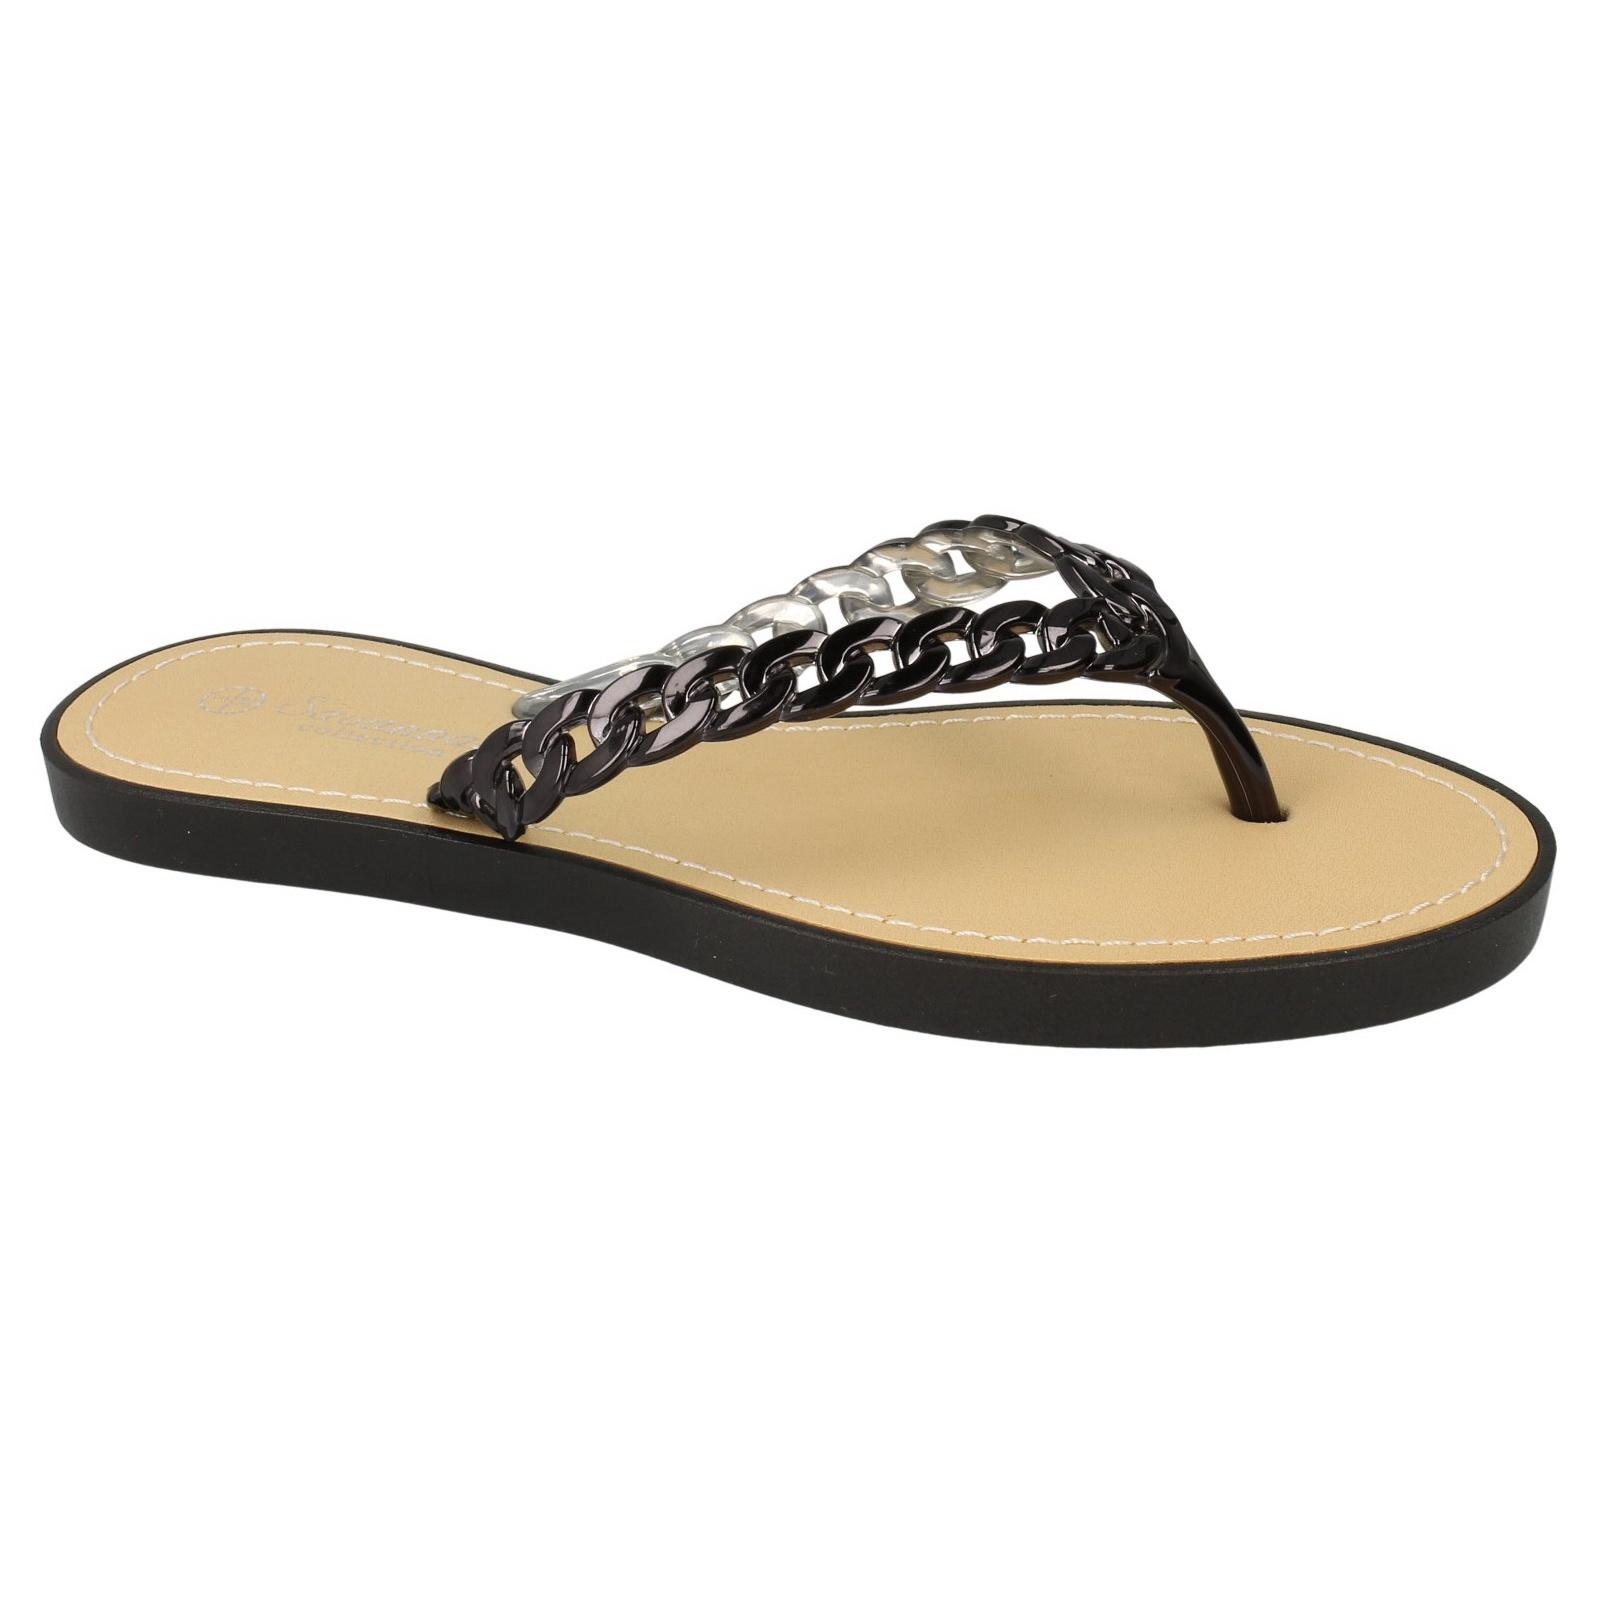 Savannah Damen Flip Flops mit Metall Akzent (40 EU) (Koralle) xbGitkMY6P